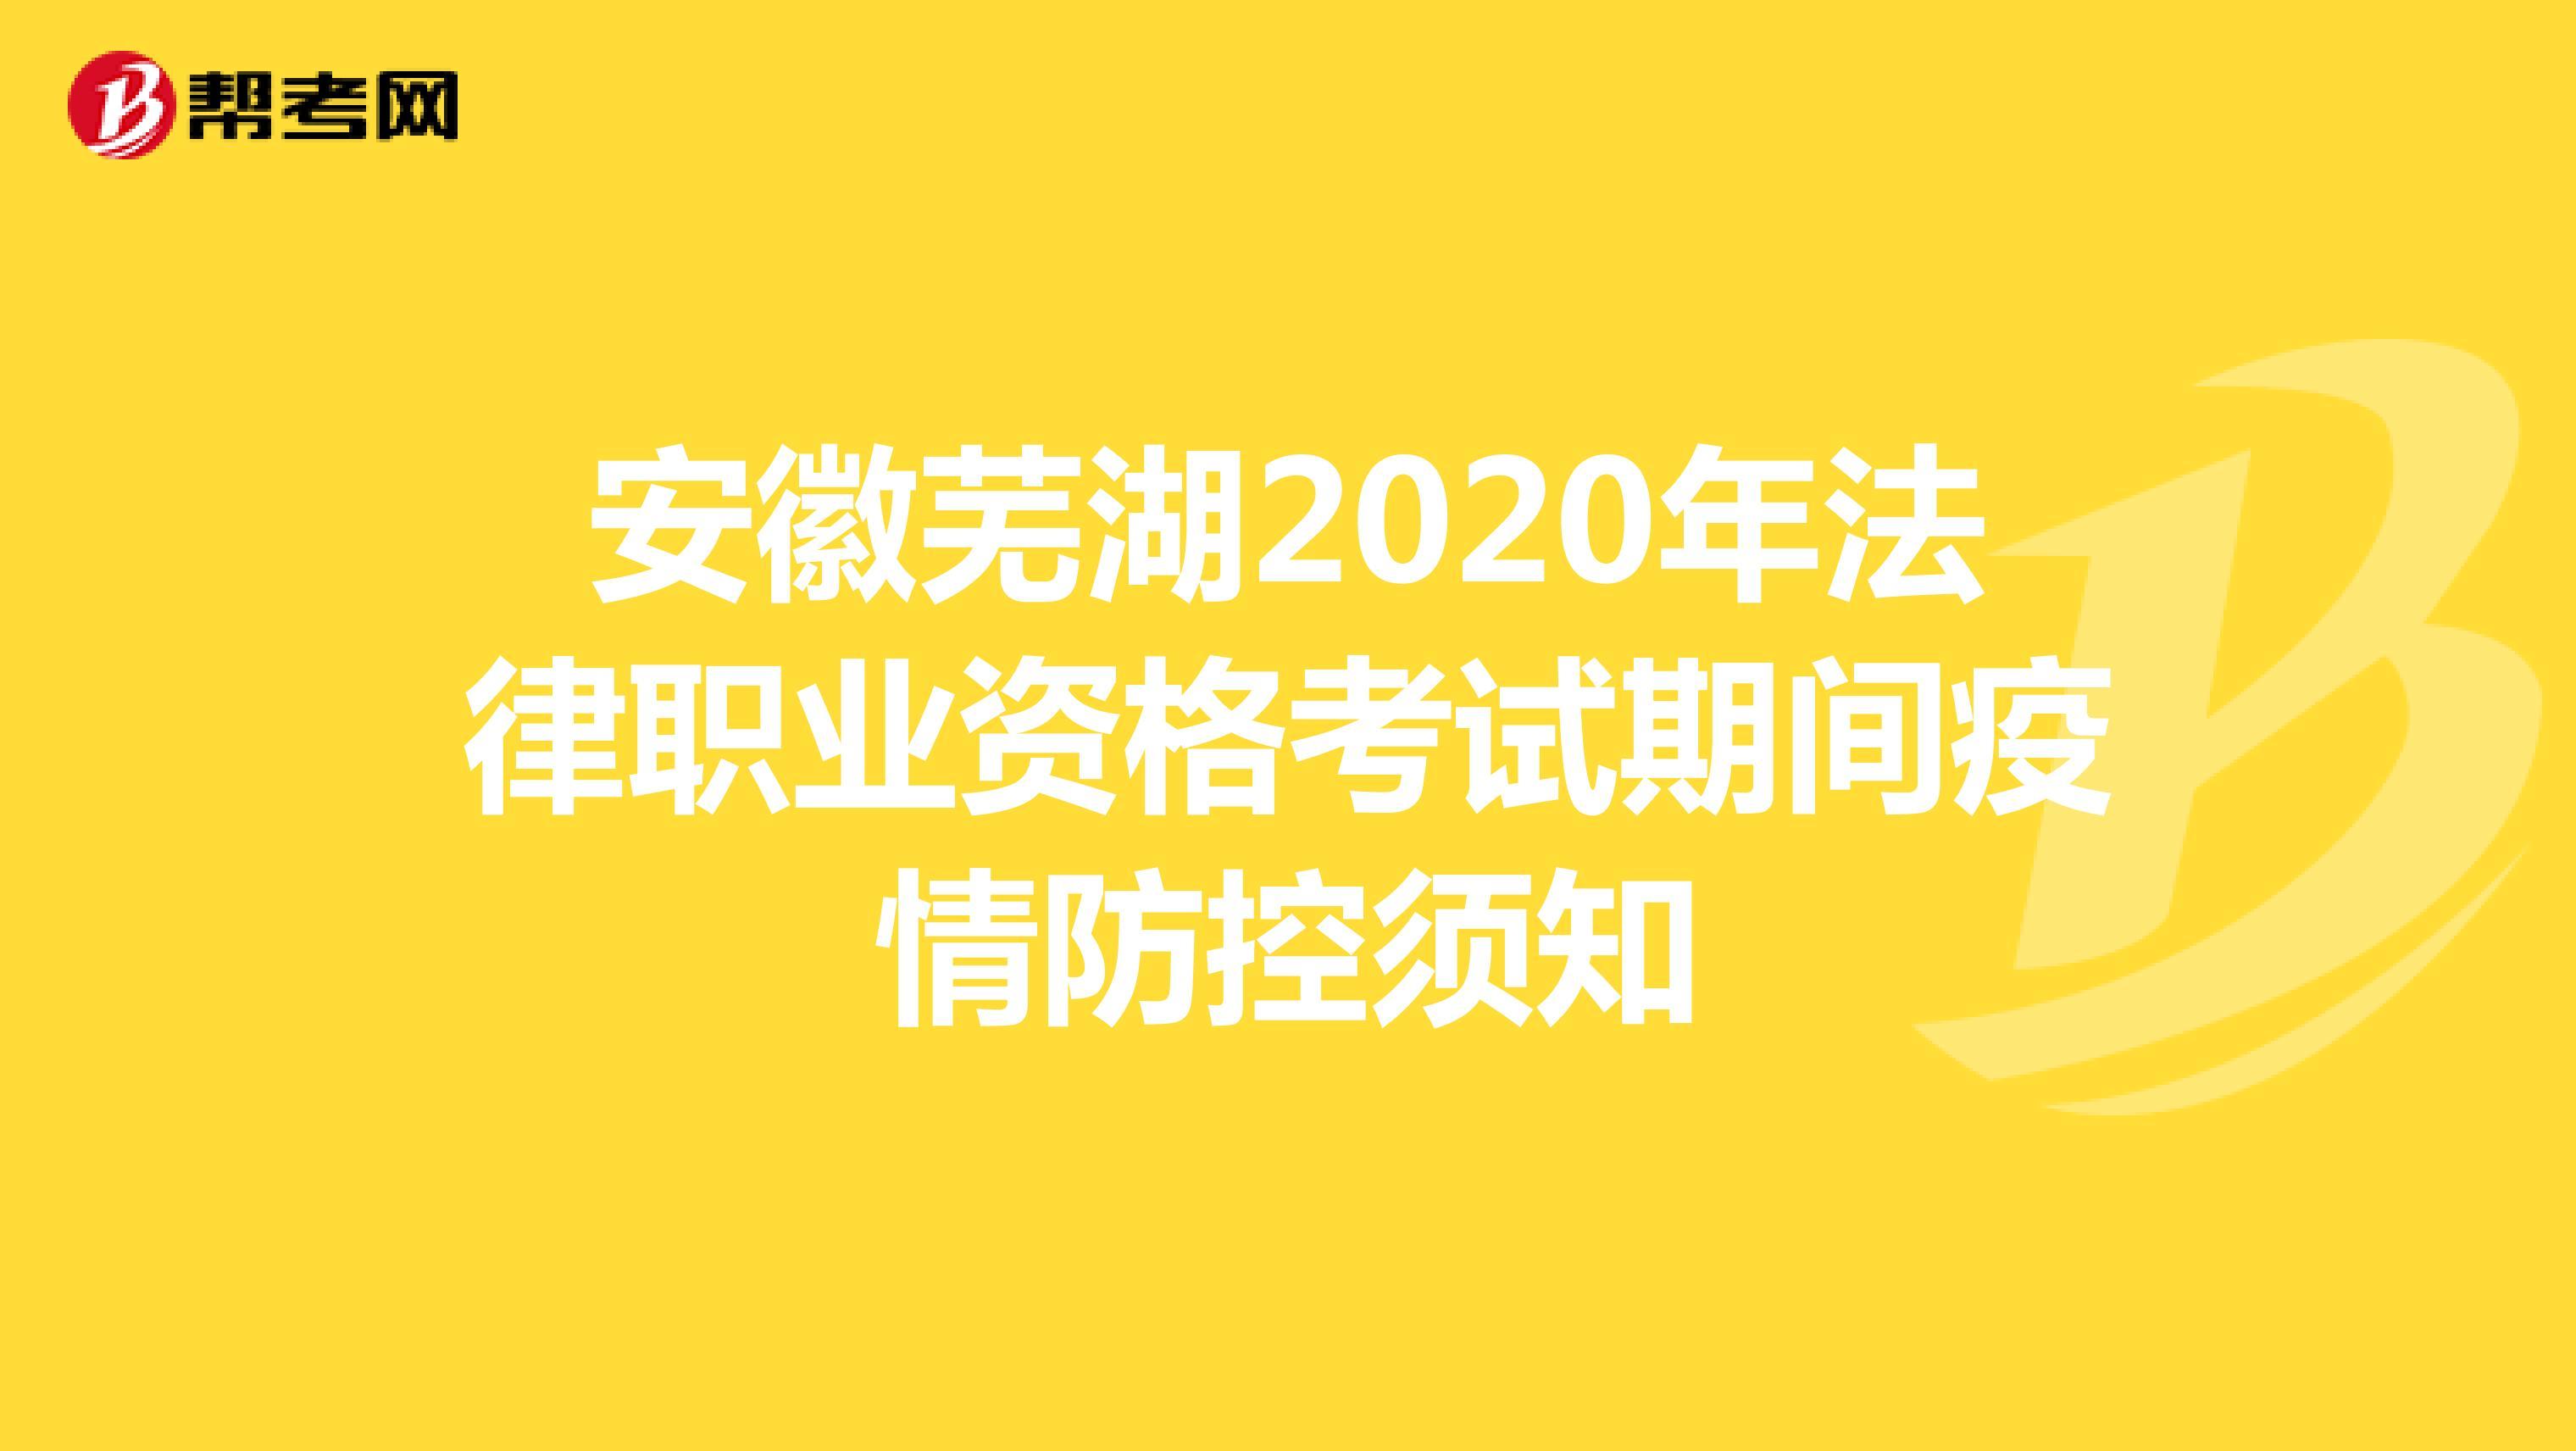 安徽芜湖2020年法律职业资格考试期间疫情防控须知